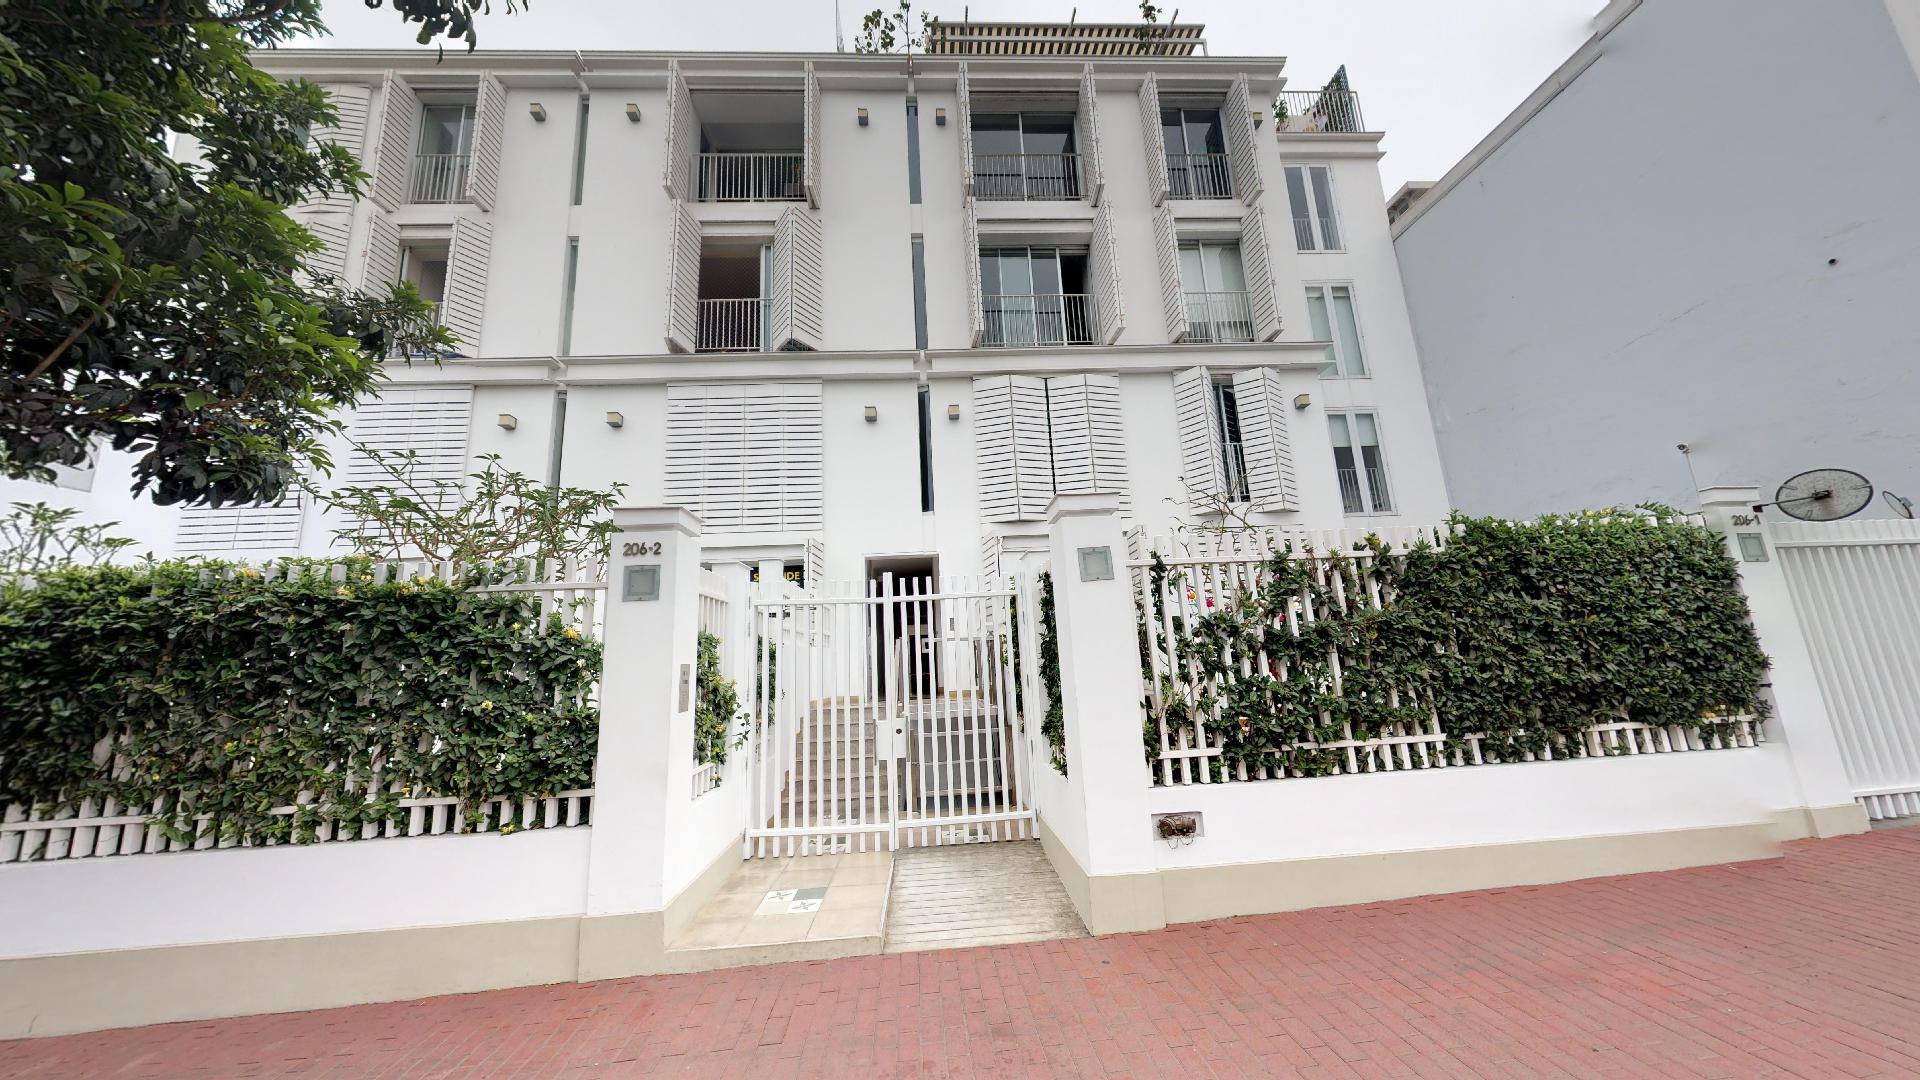 Moderno departamento ubicado en el emblemático Jirón Sáenz Peña de Barranco, Lima, Perú. Realiza un recorrido virtual en 360° y fascinante con sus acabados y detalles.